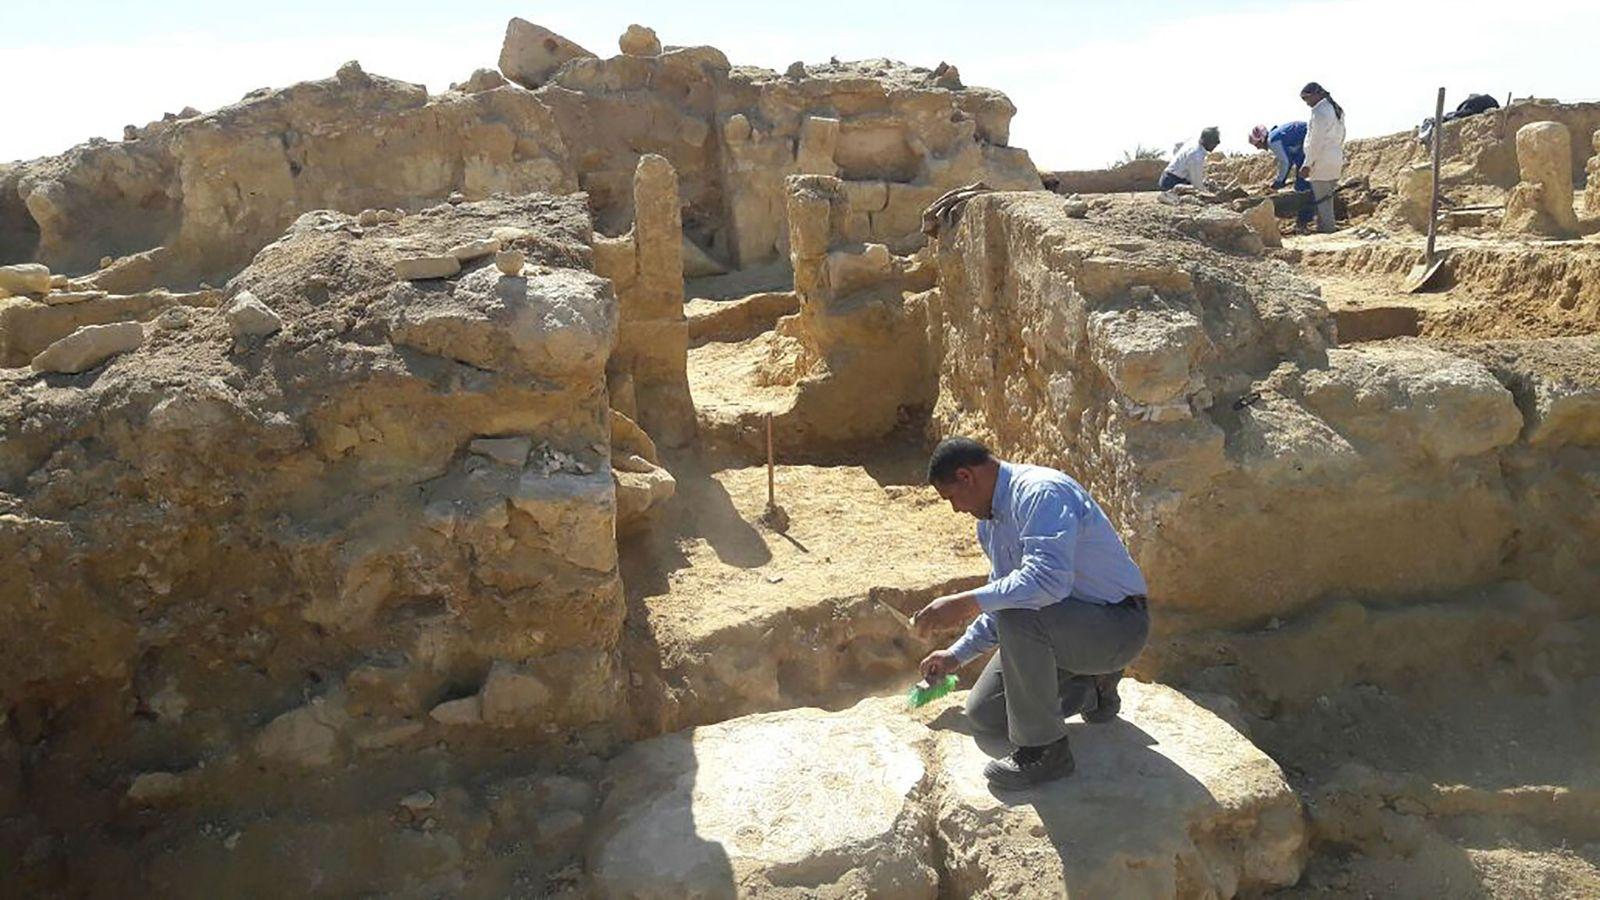 Un nouveau temple gréco-romain a été mis au jour dans le désert occidental égyptien.